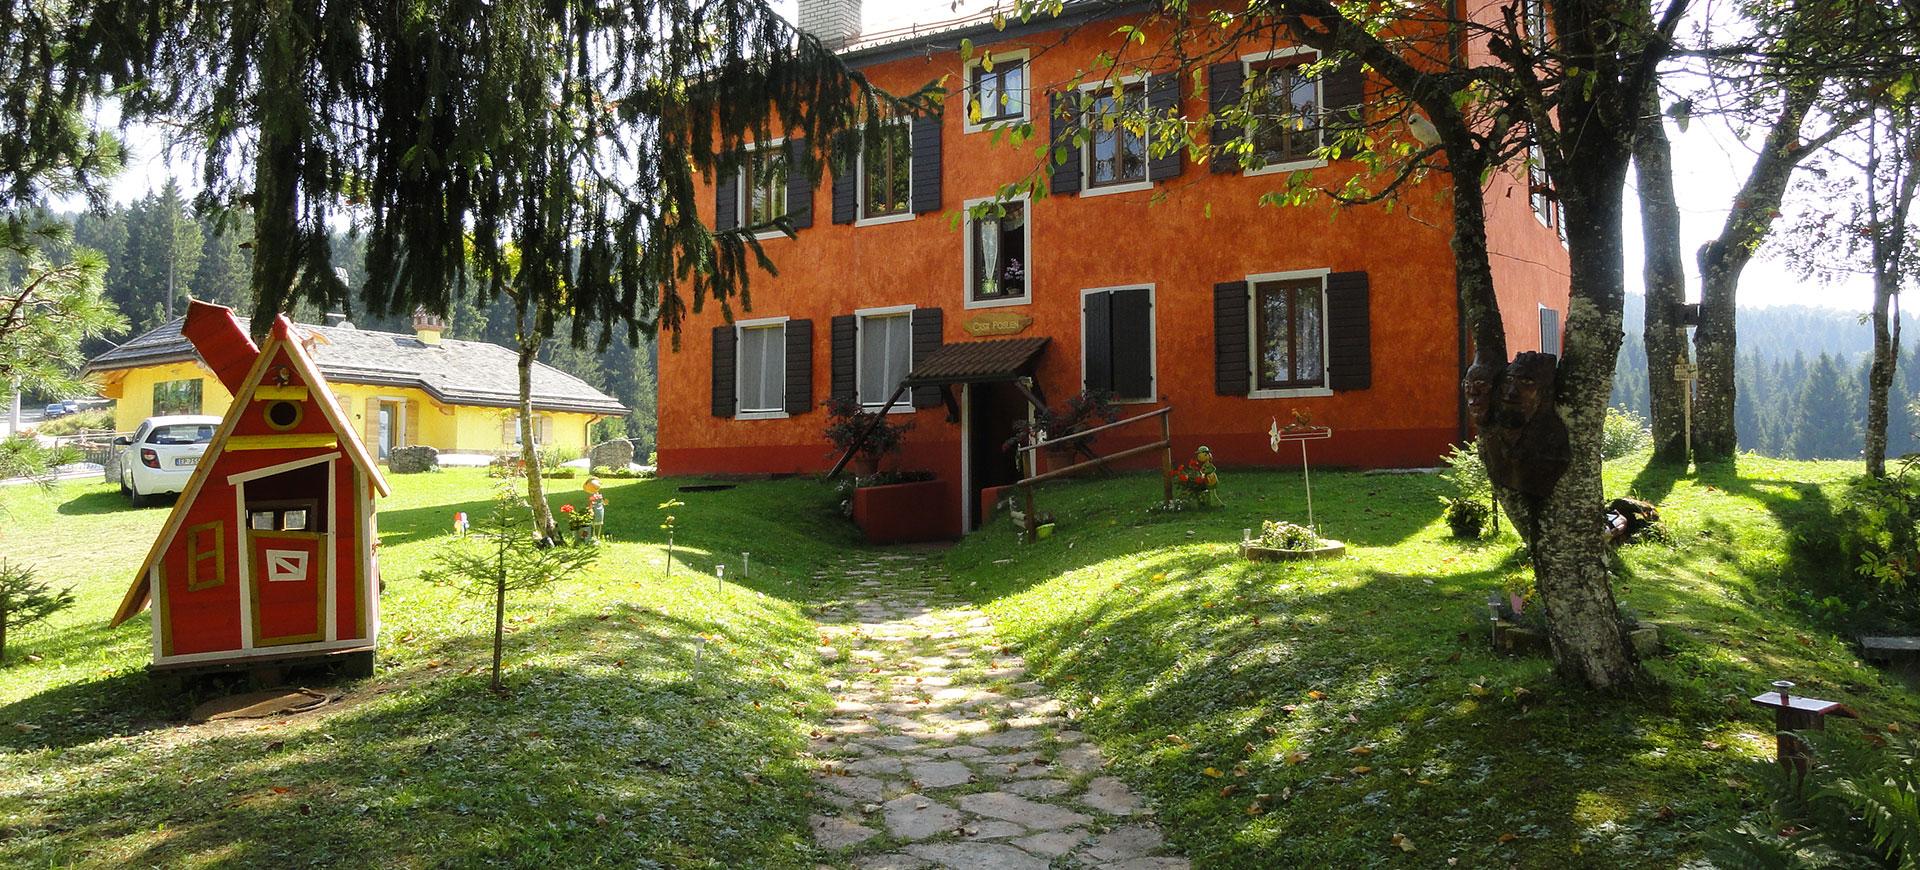 Casa poslen asiago appartamenti per ferie e vacanze sull for Casa asiago affitto